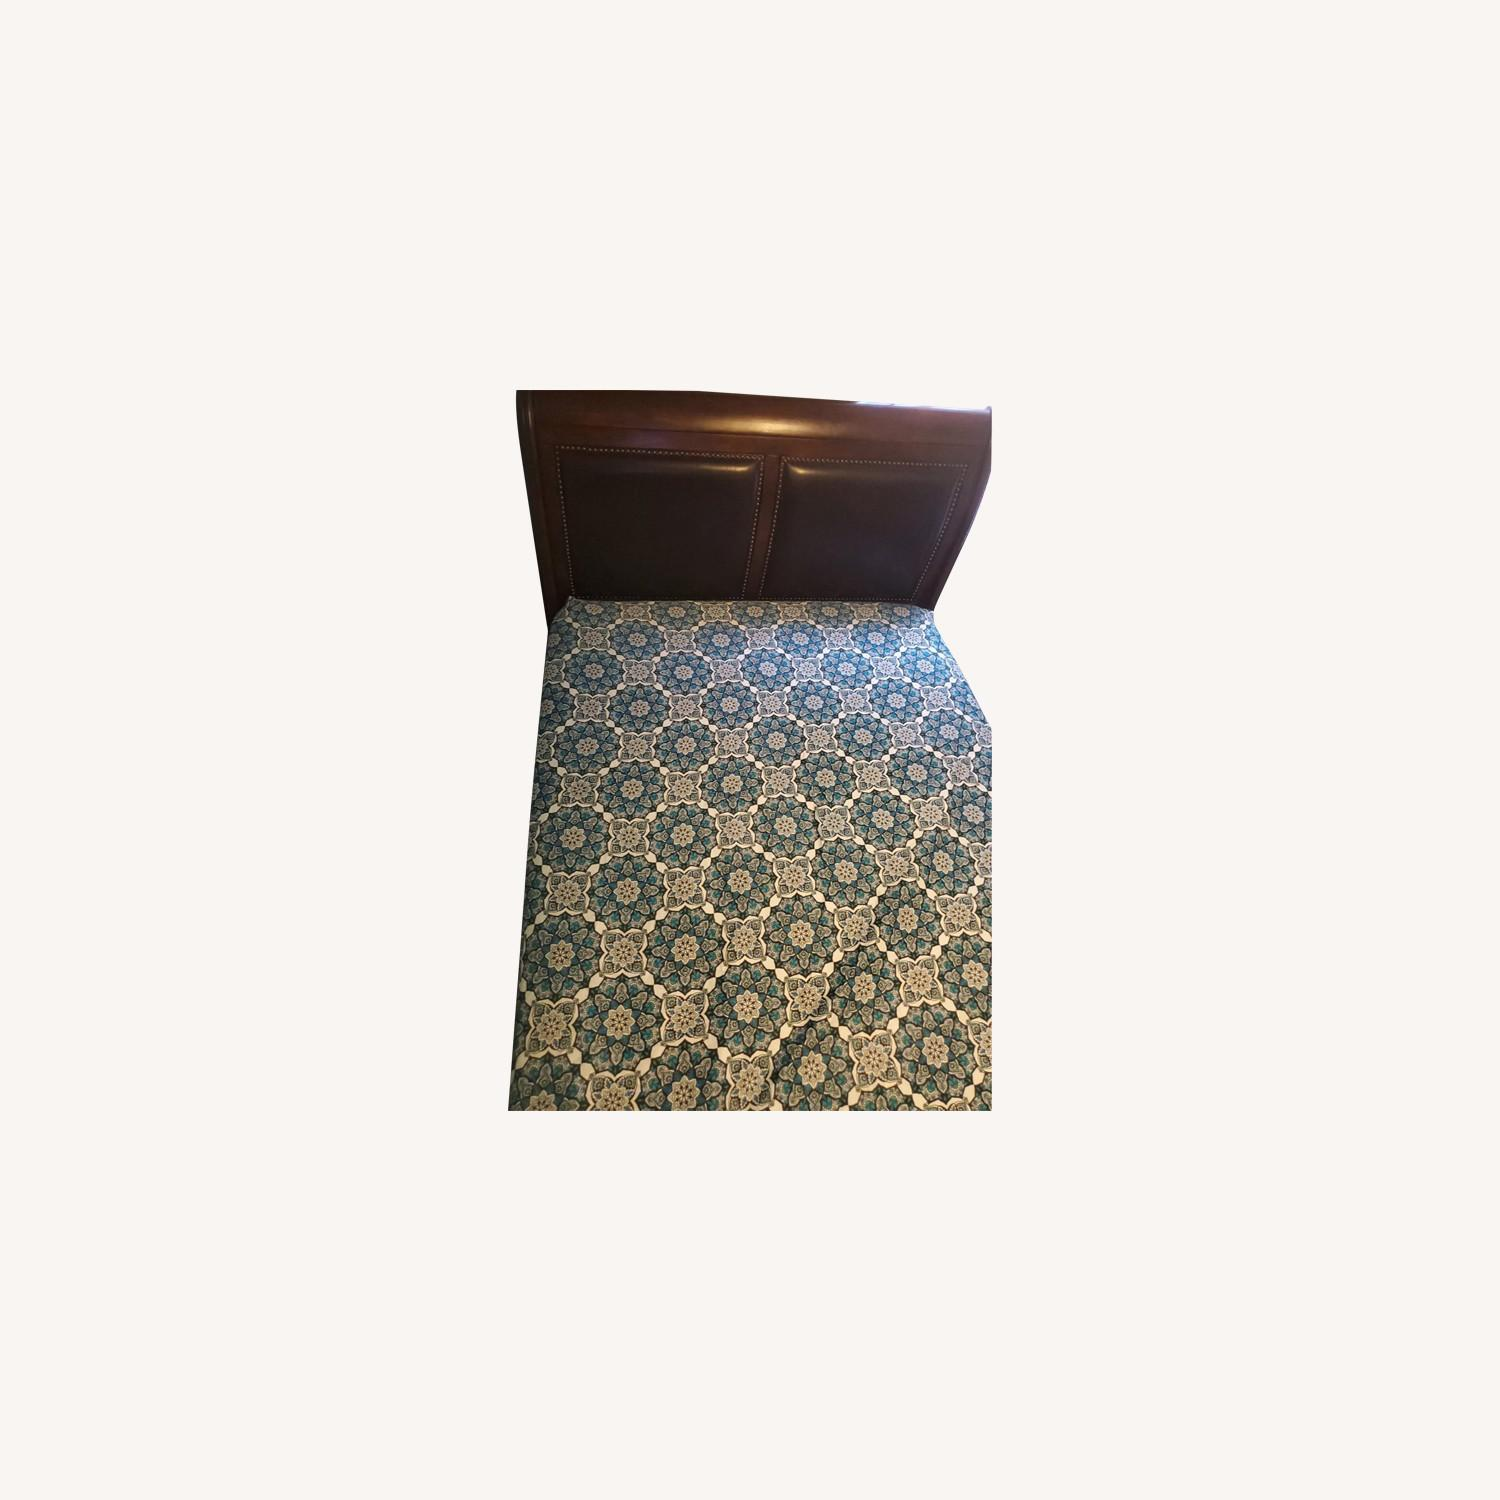 Brown Queen Bed - image-0